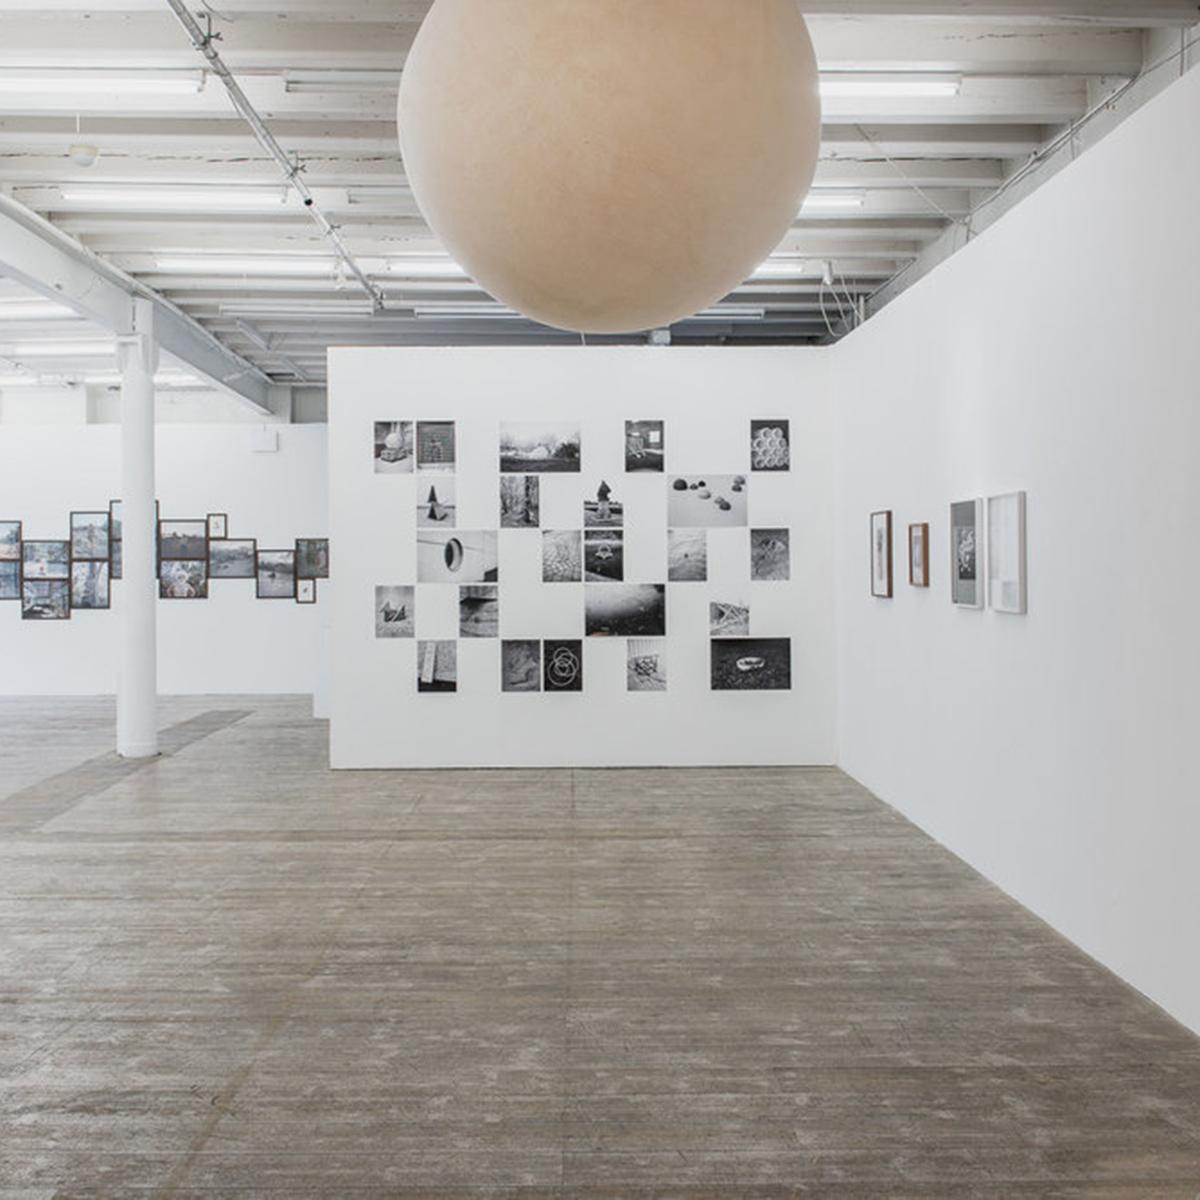 Flyktpunkt+Centrum+för+fotografi+CFF+2017+Simon+BergSimon+Berg+CFF+Centrum+för+fotografi+2015+Sår_DSC3677